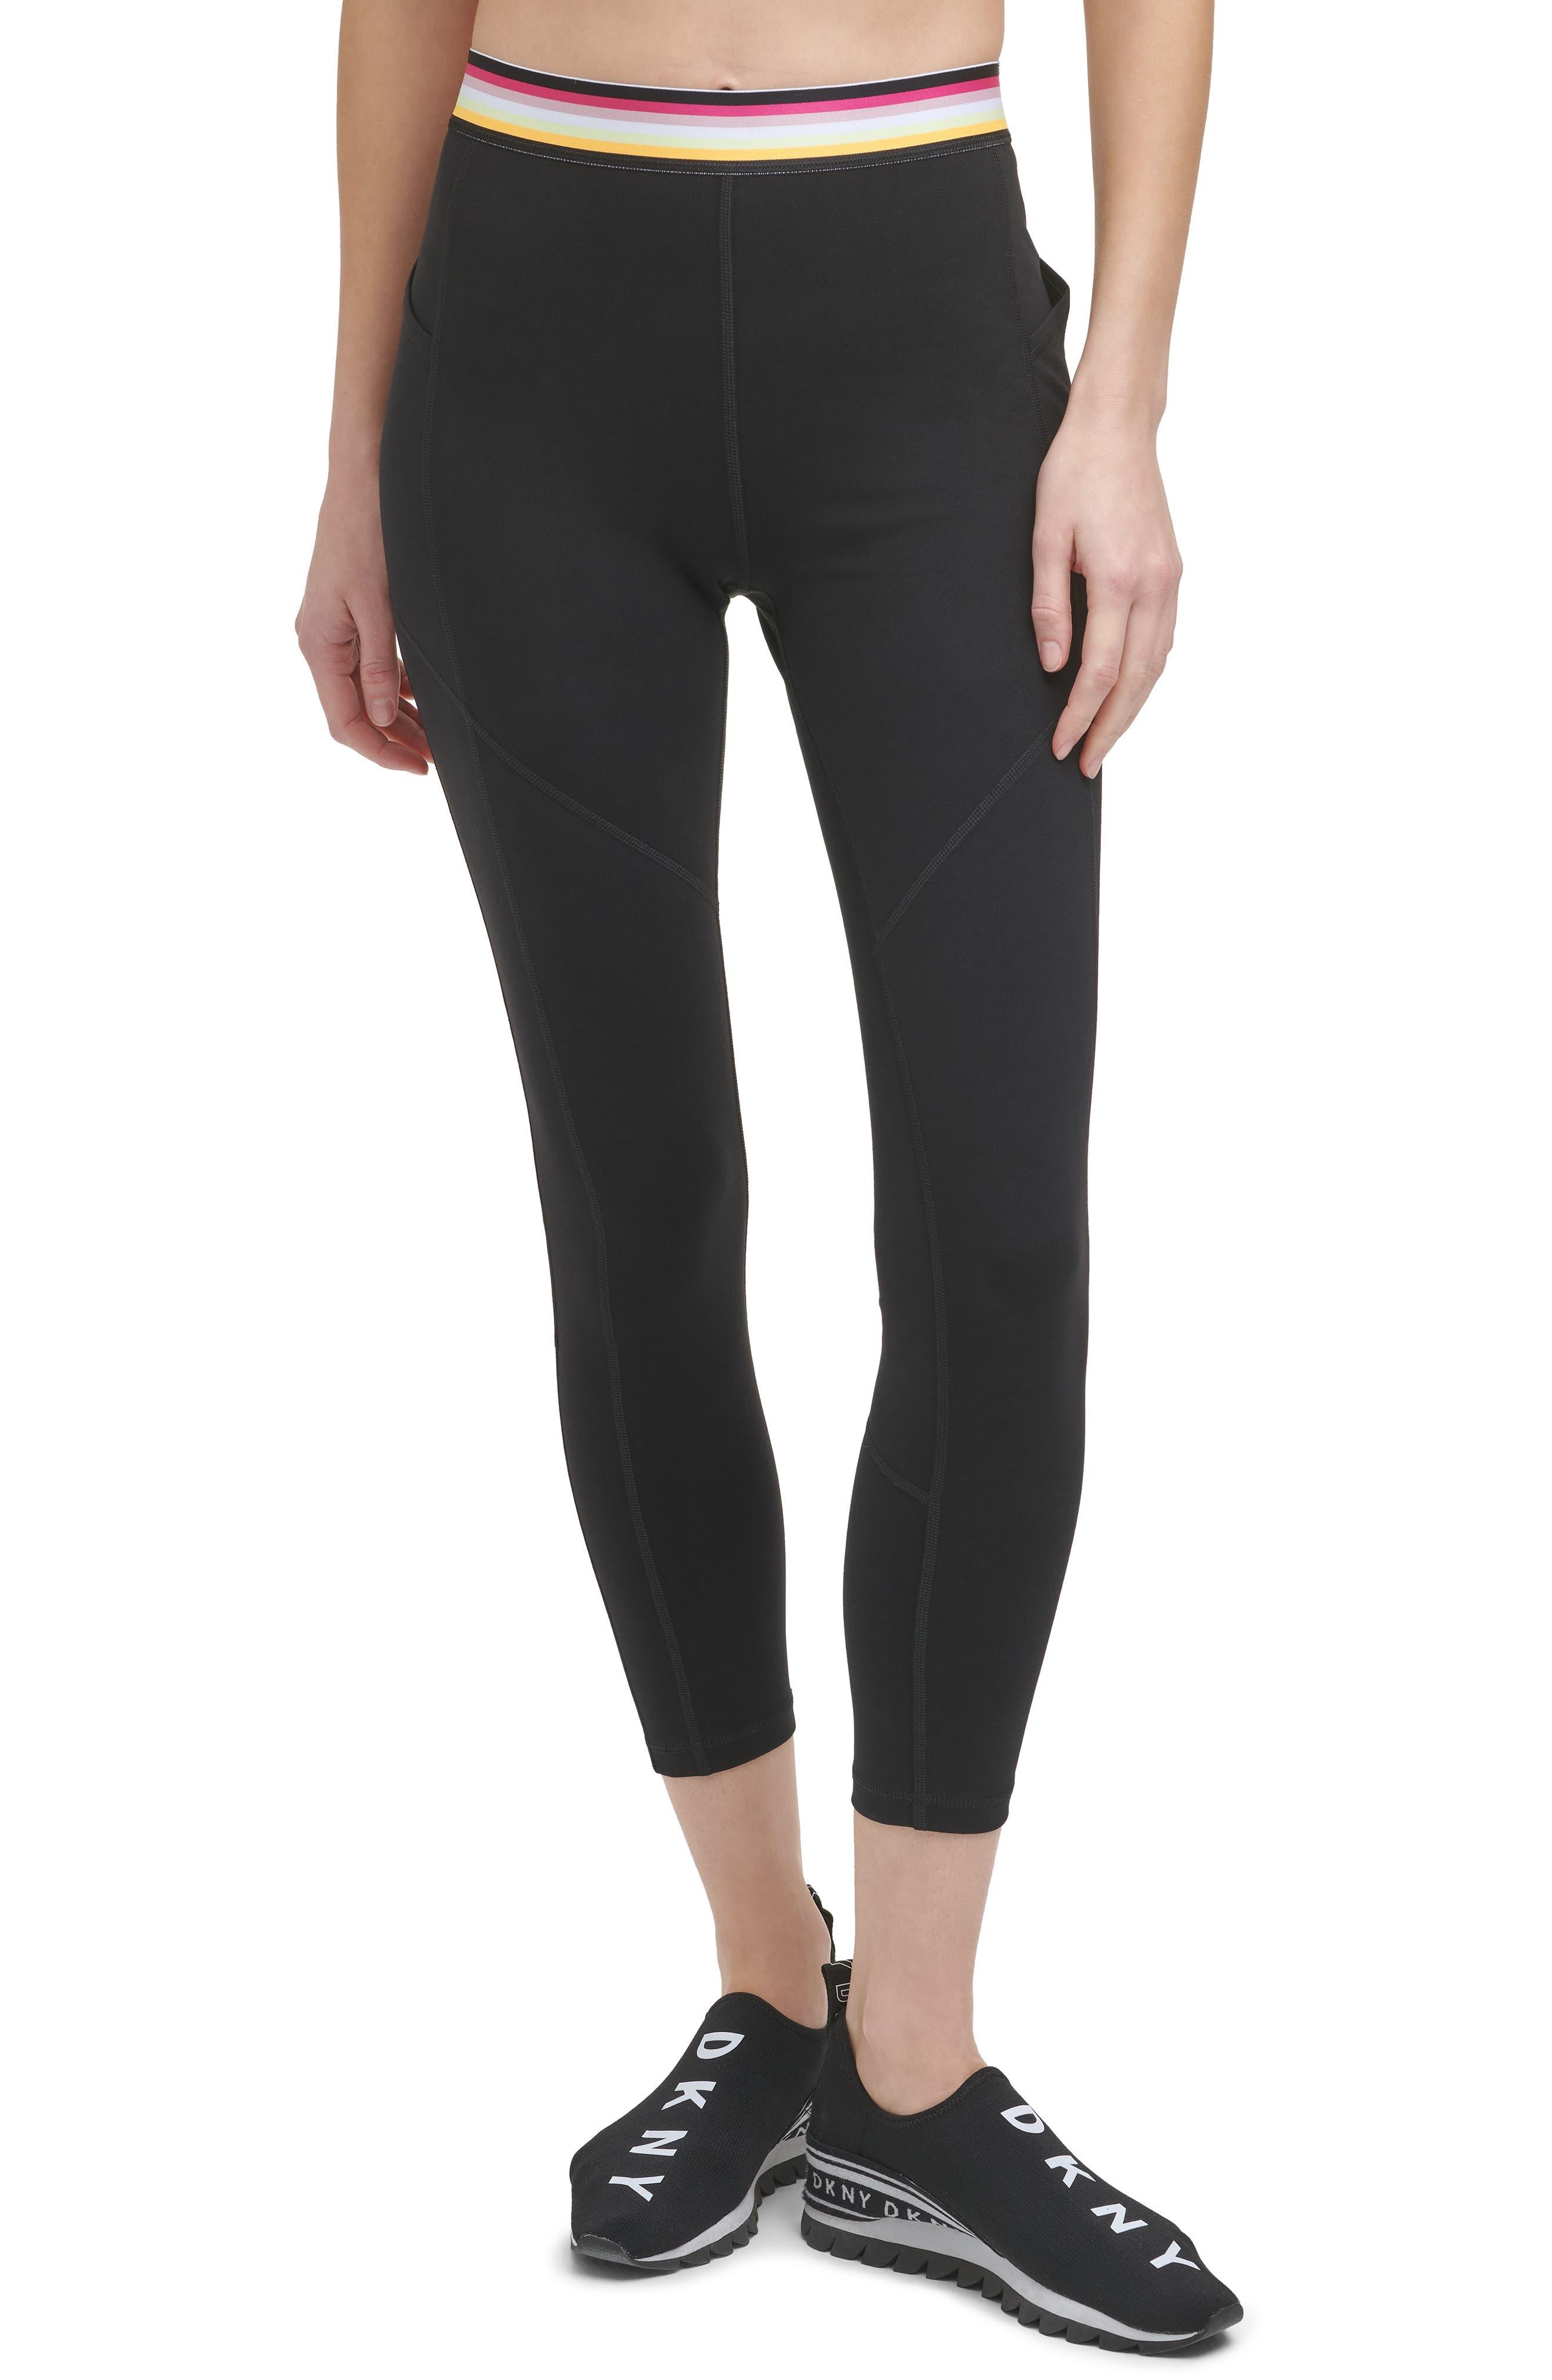 Women's Dkny Multi Stripe High Waist Leggings